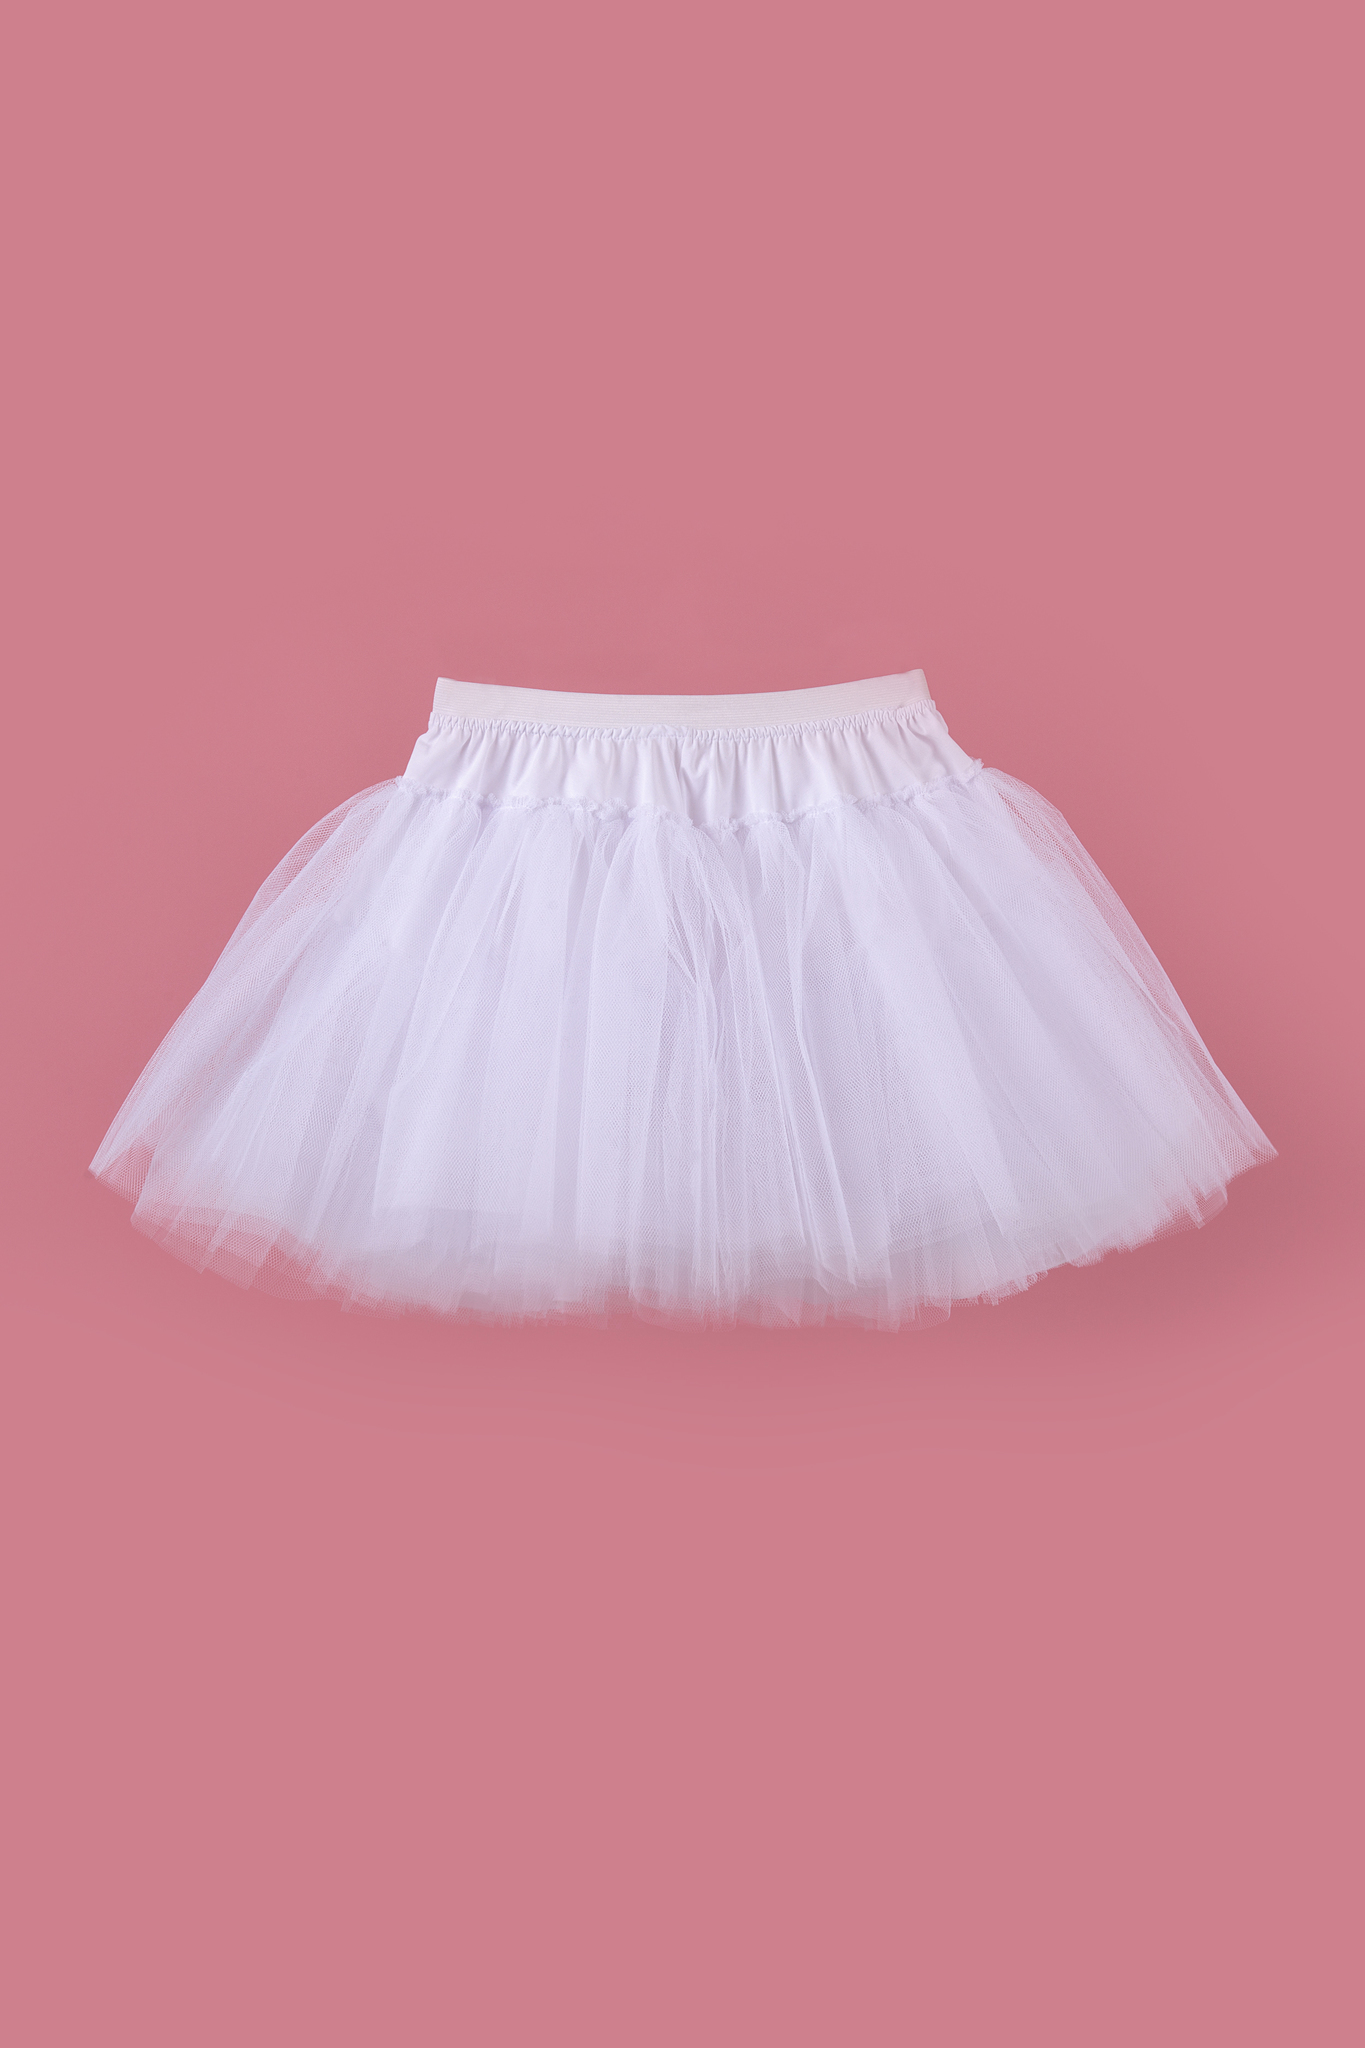 Юбка белая для девочки 37-8002-1